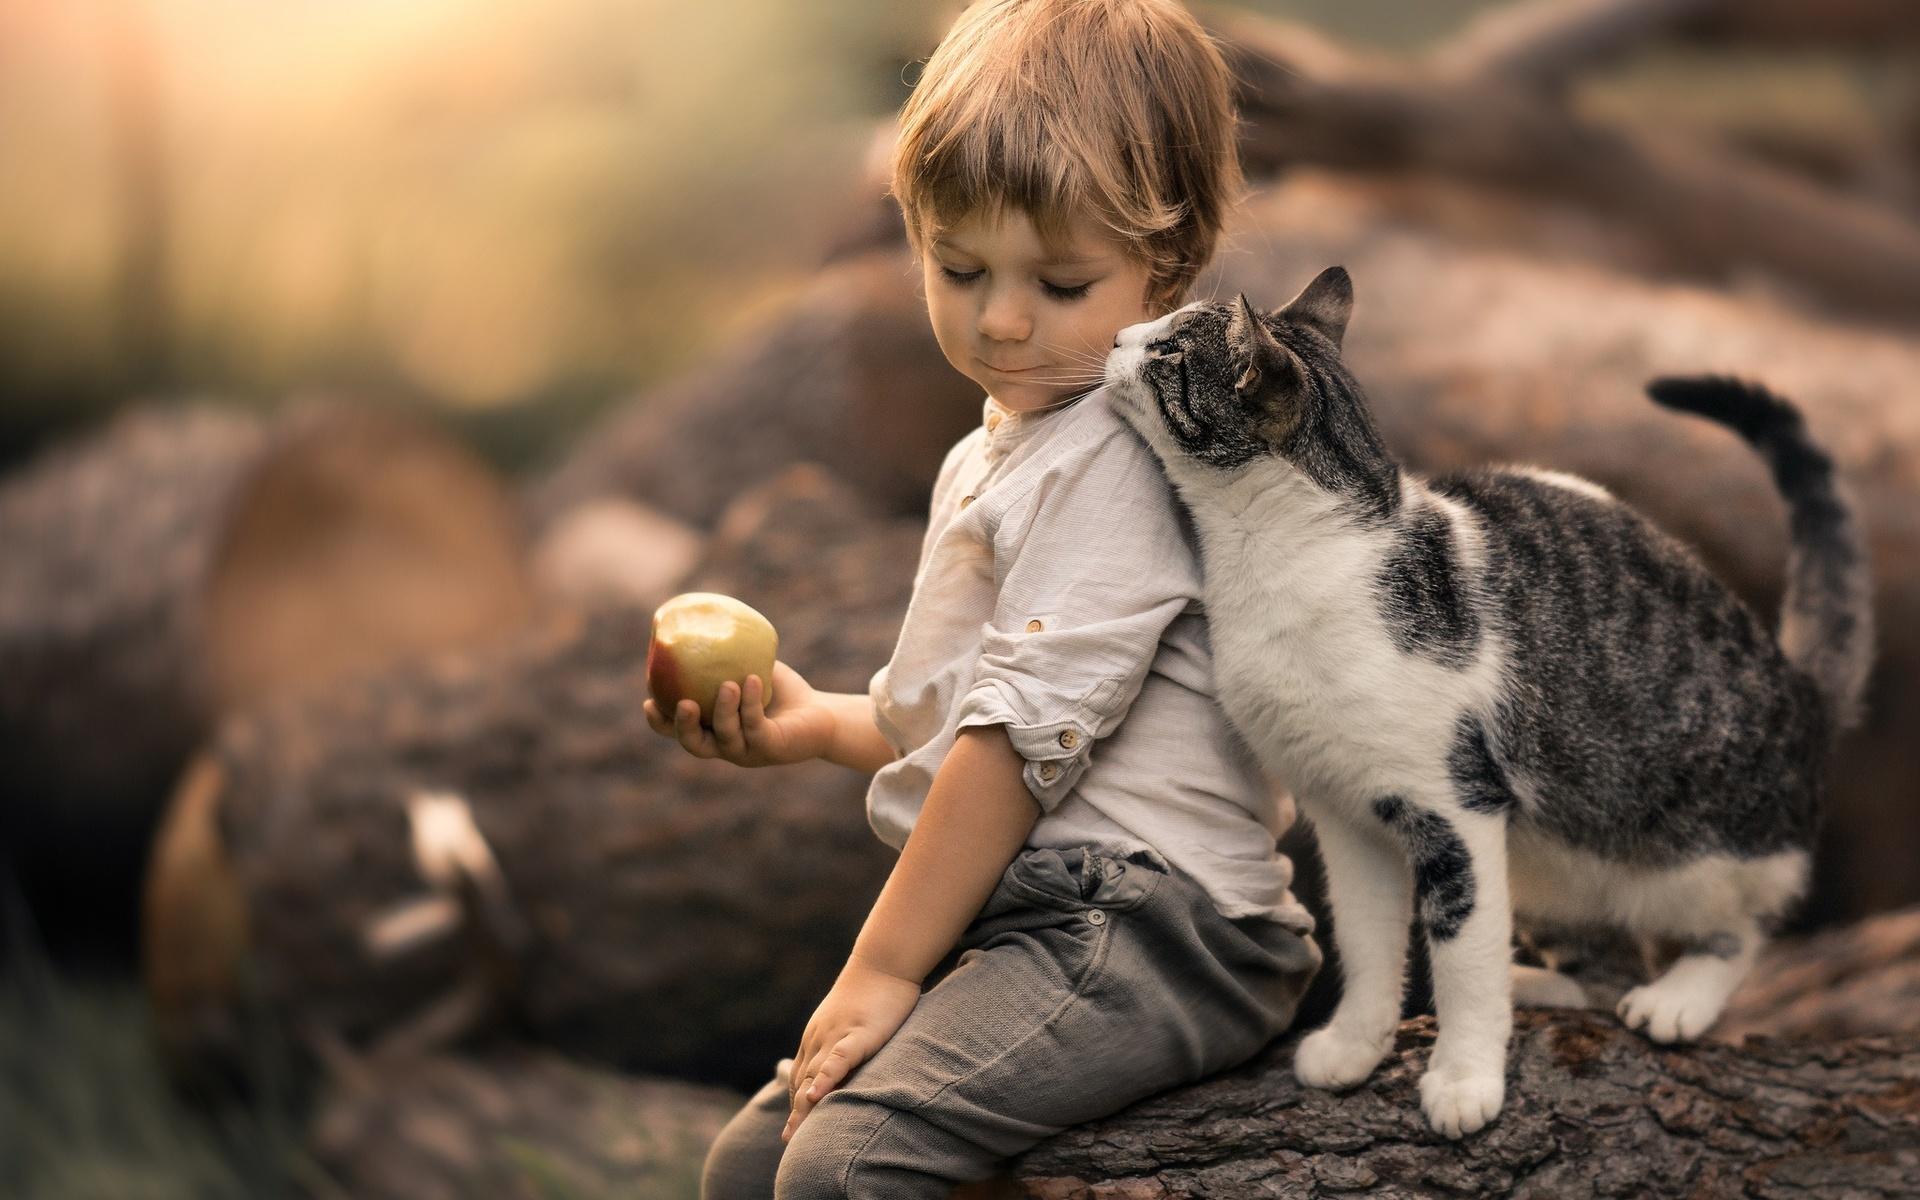 Картинки с людьми и животными